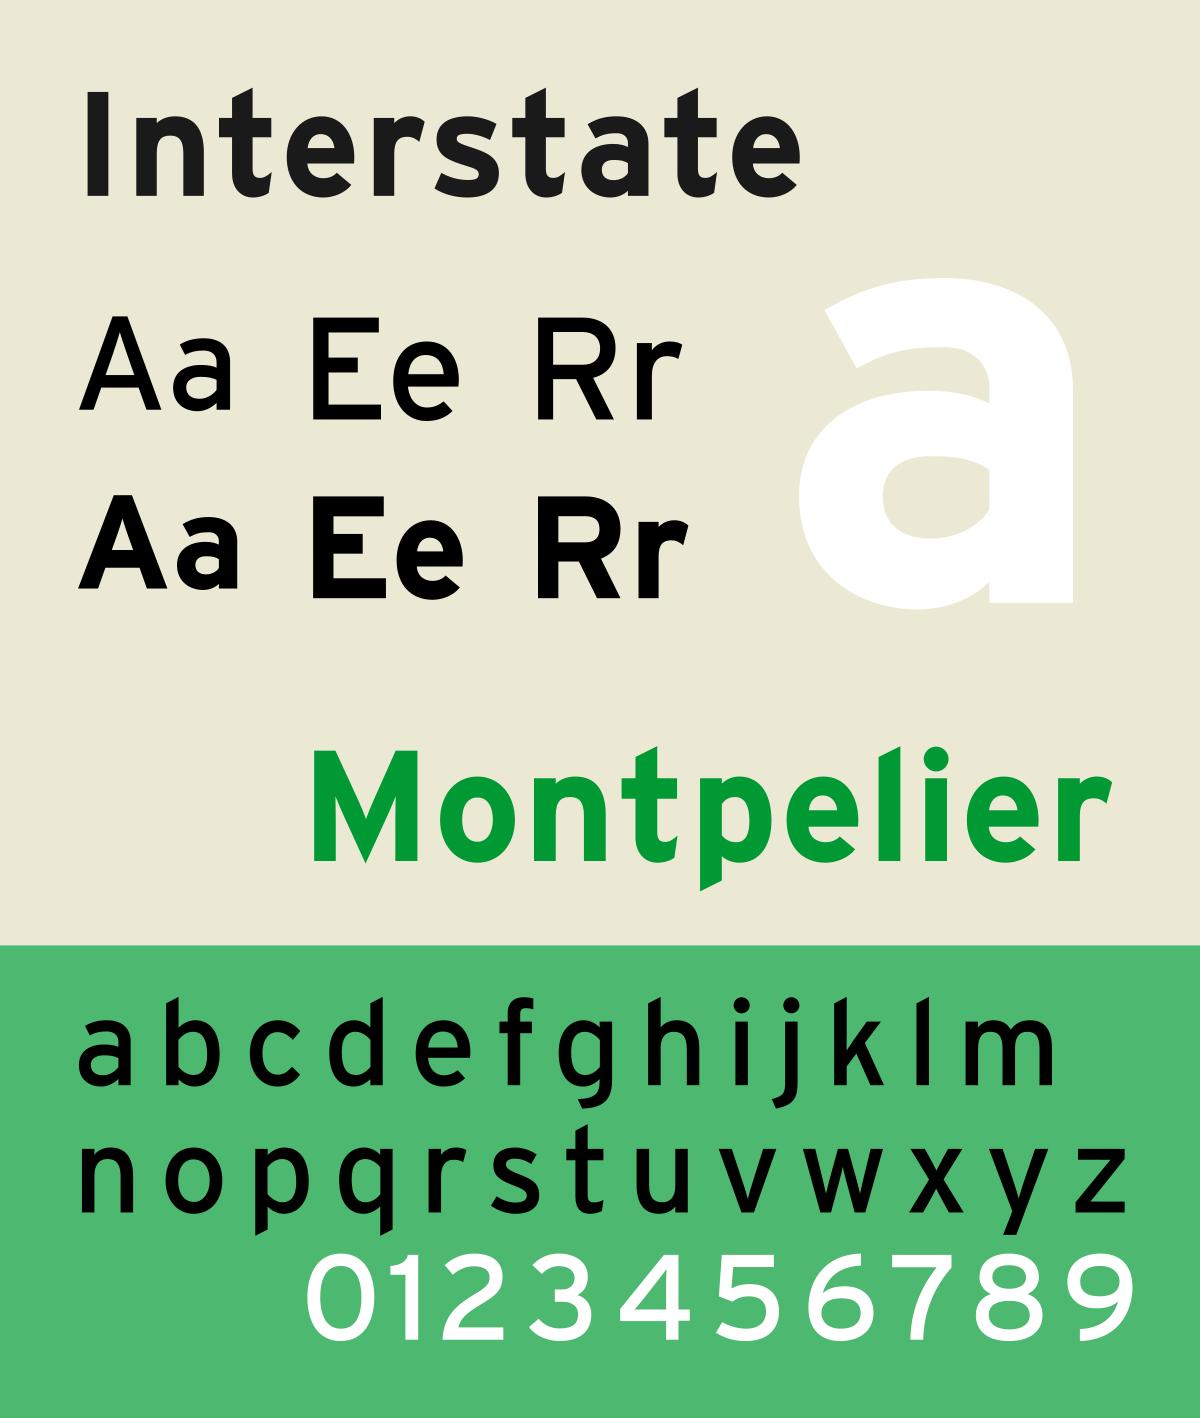 Caratteri tipografici pipù utilizzati in pubblicità: Interstate